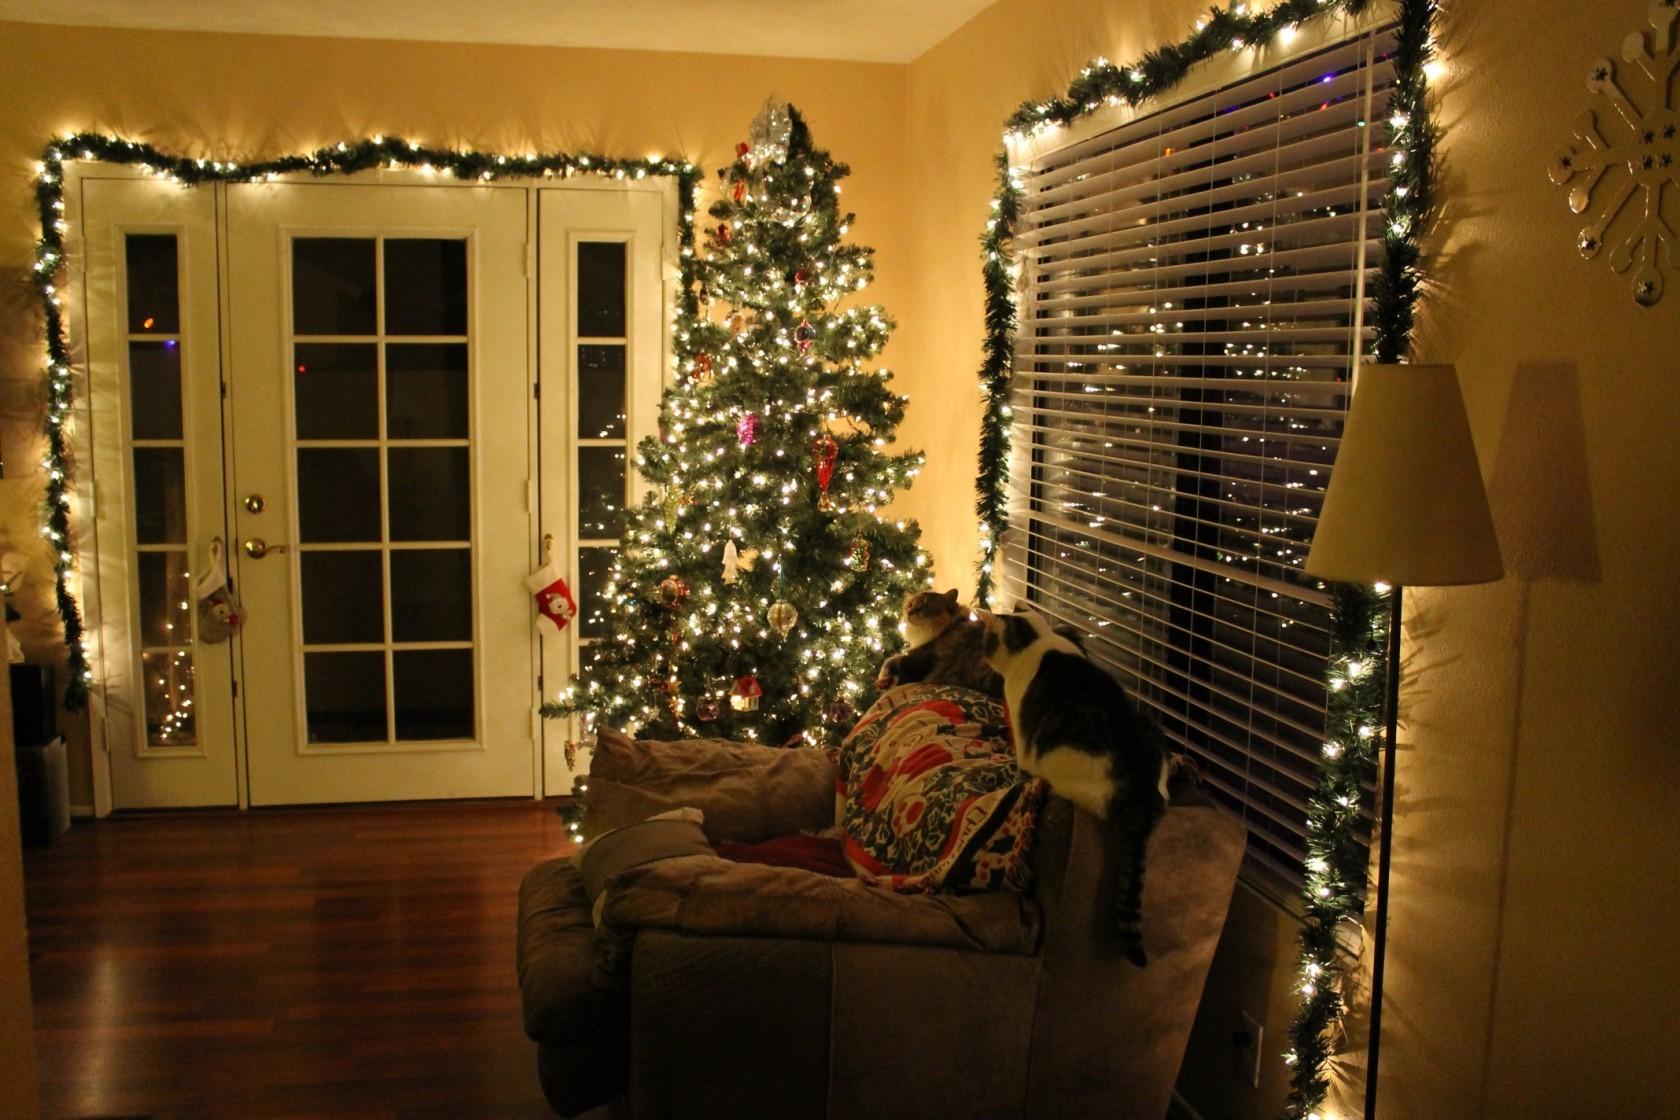 Accrochez les lumières de Noël au-dessus de la porte pour donner à votre famille l'ambiance chaleureuse.